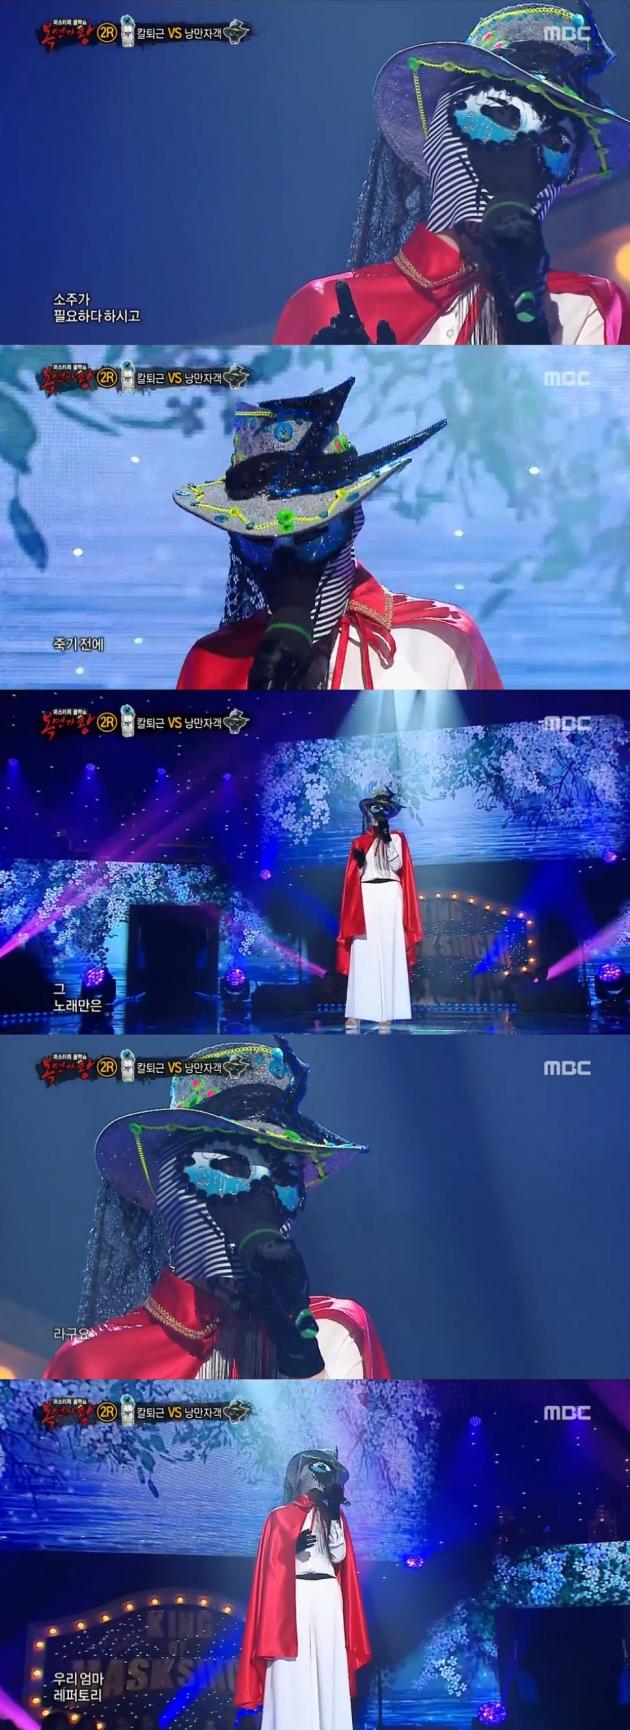 복면가왕 낭만자객 / 복면가왕 낭만자객 사진=MBC 방송 캡처